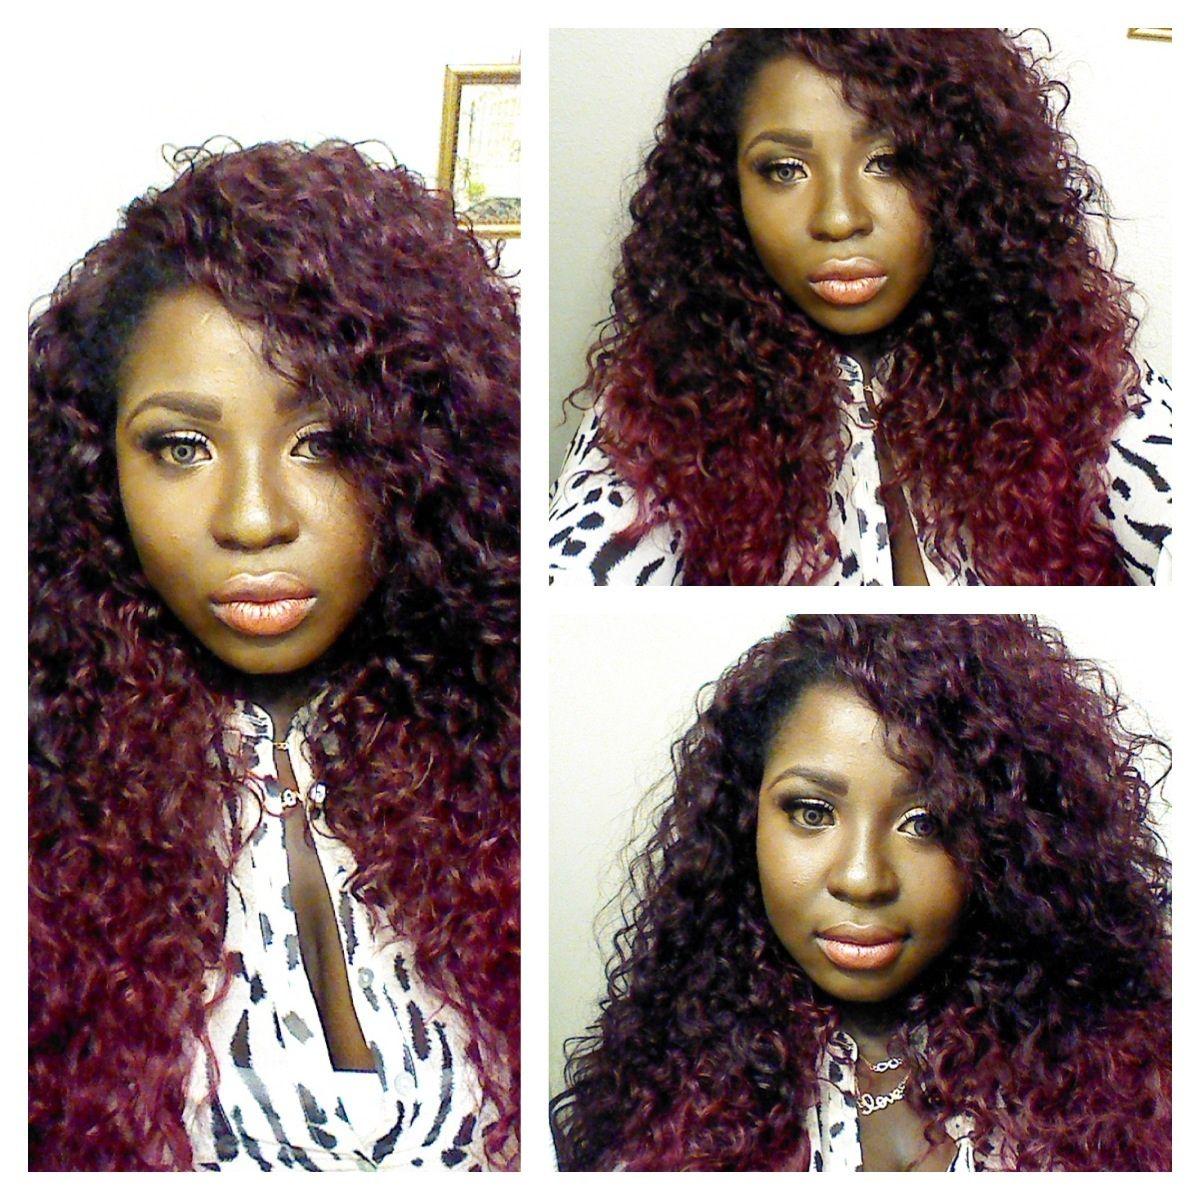 Vanessa Synthetic Hair Half Wig Express Weave Las Mogan Wigs